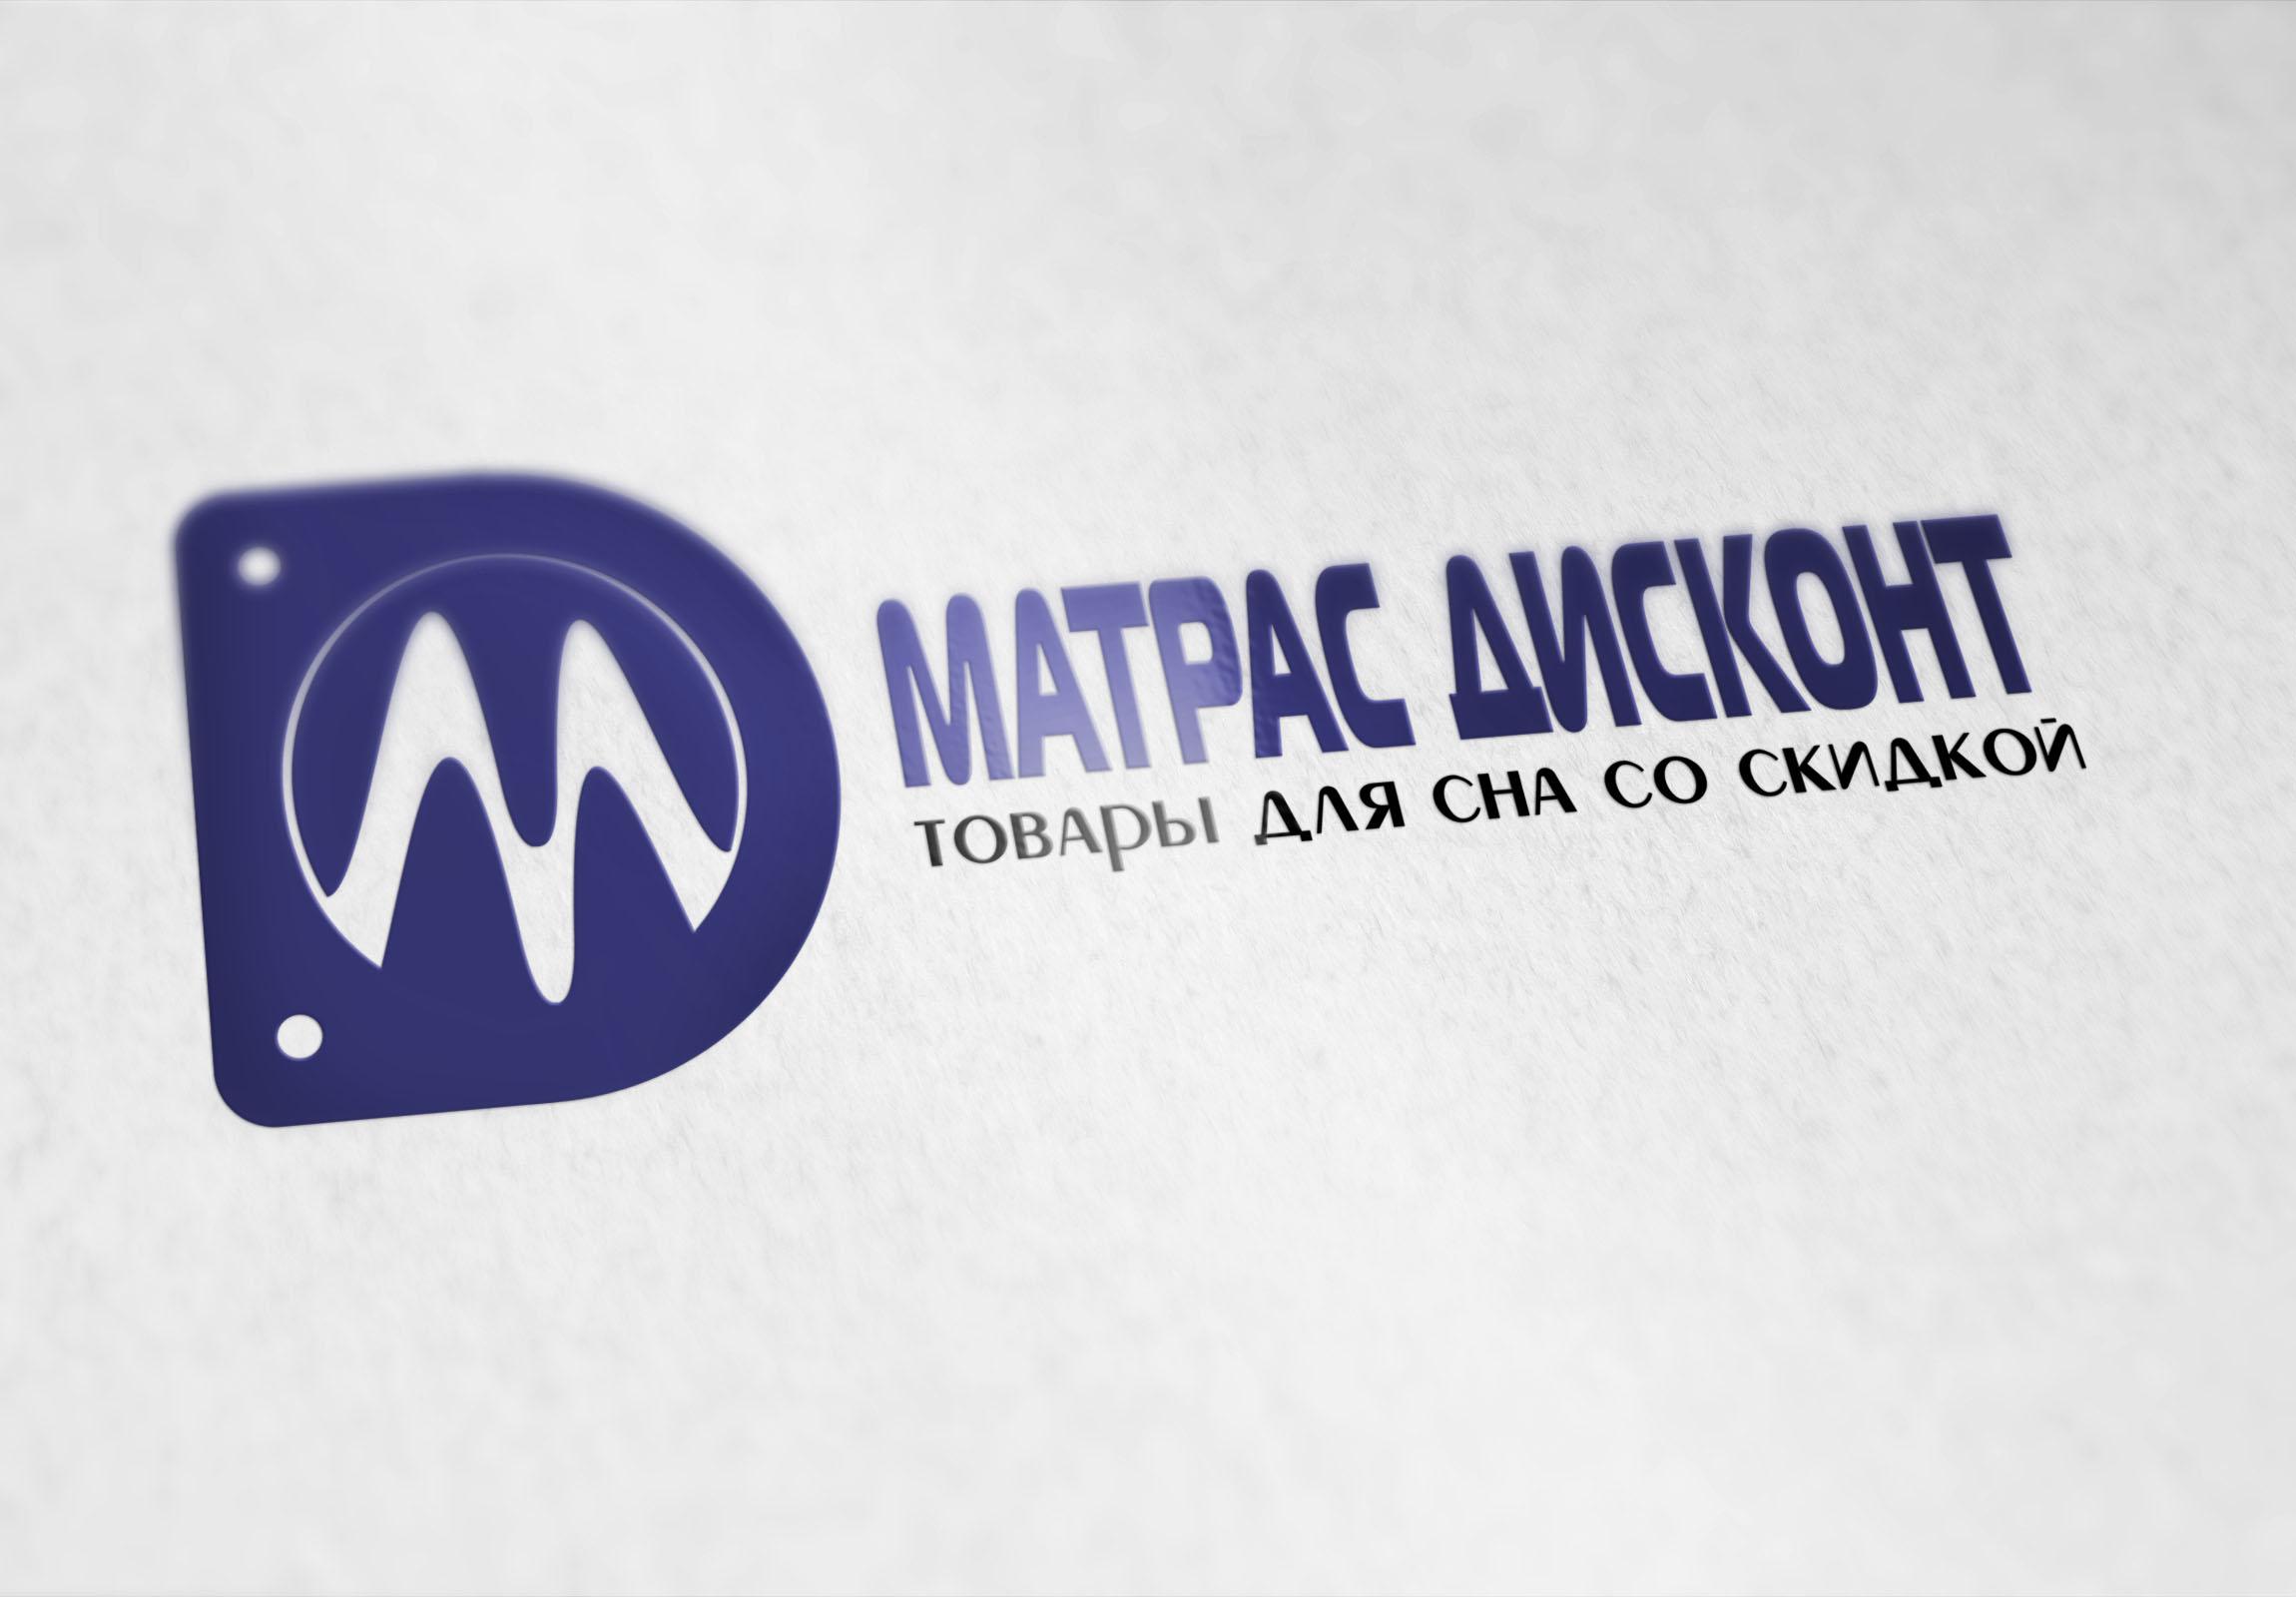 Логотип для ИМ матрасов фото f_6885c87f49870014.jpg